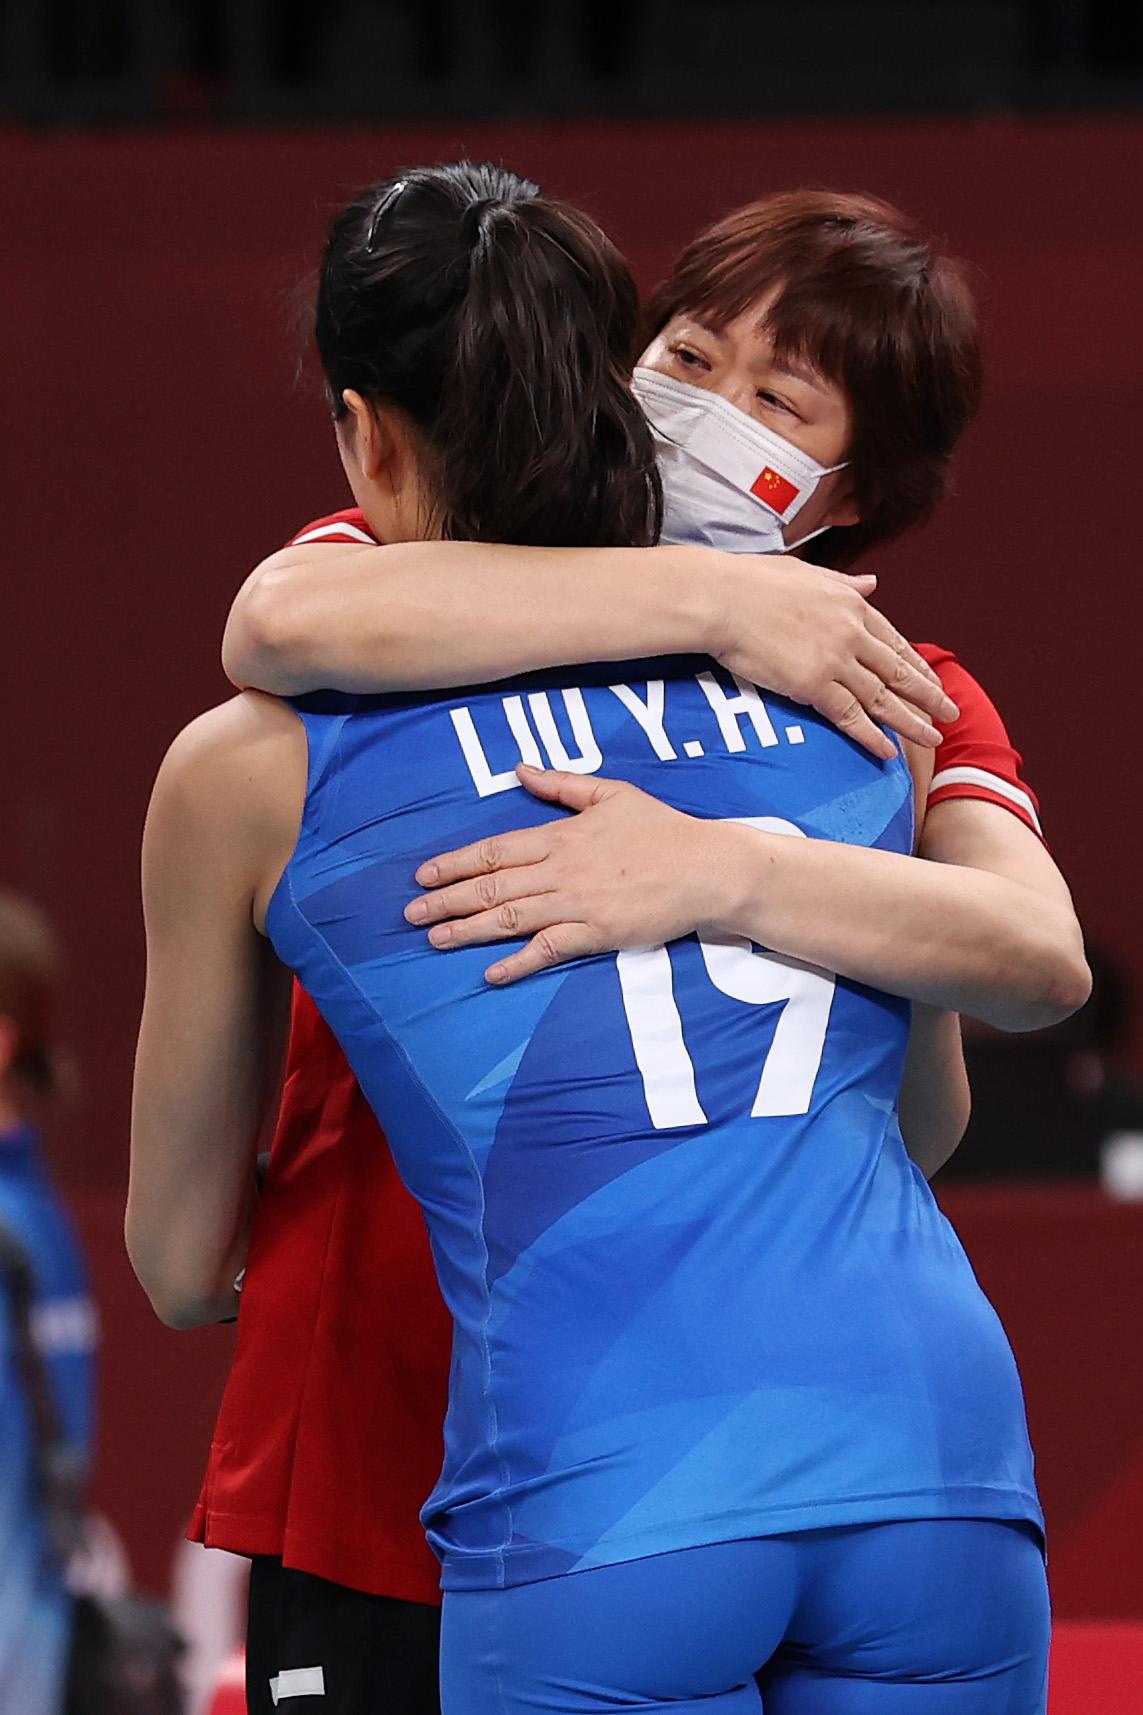 郎平拥抱刘晏含。